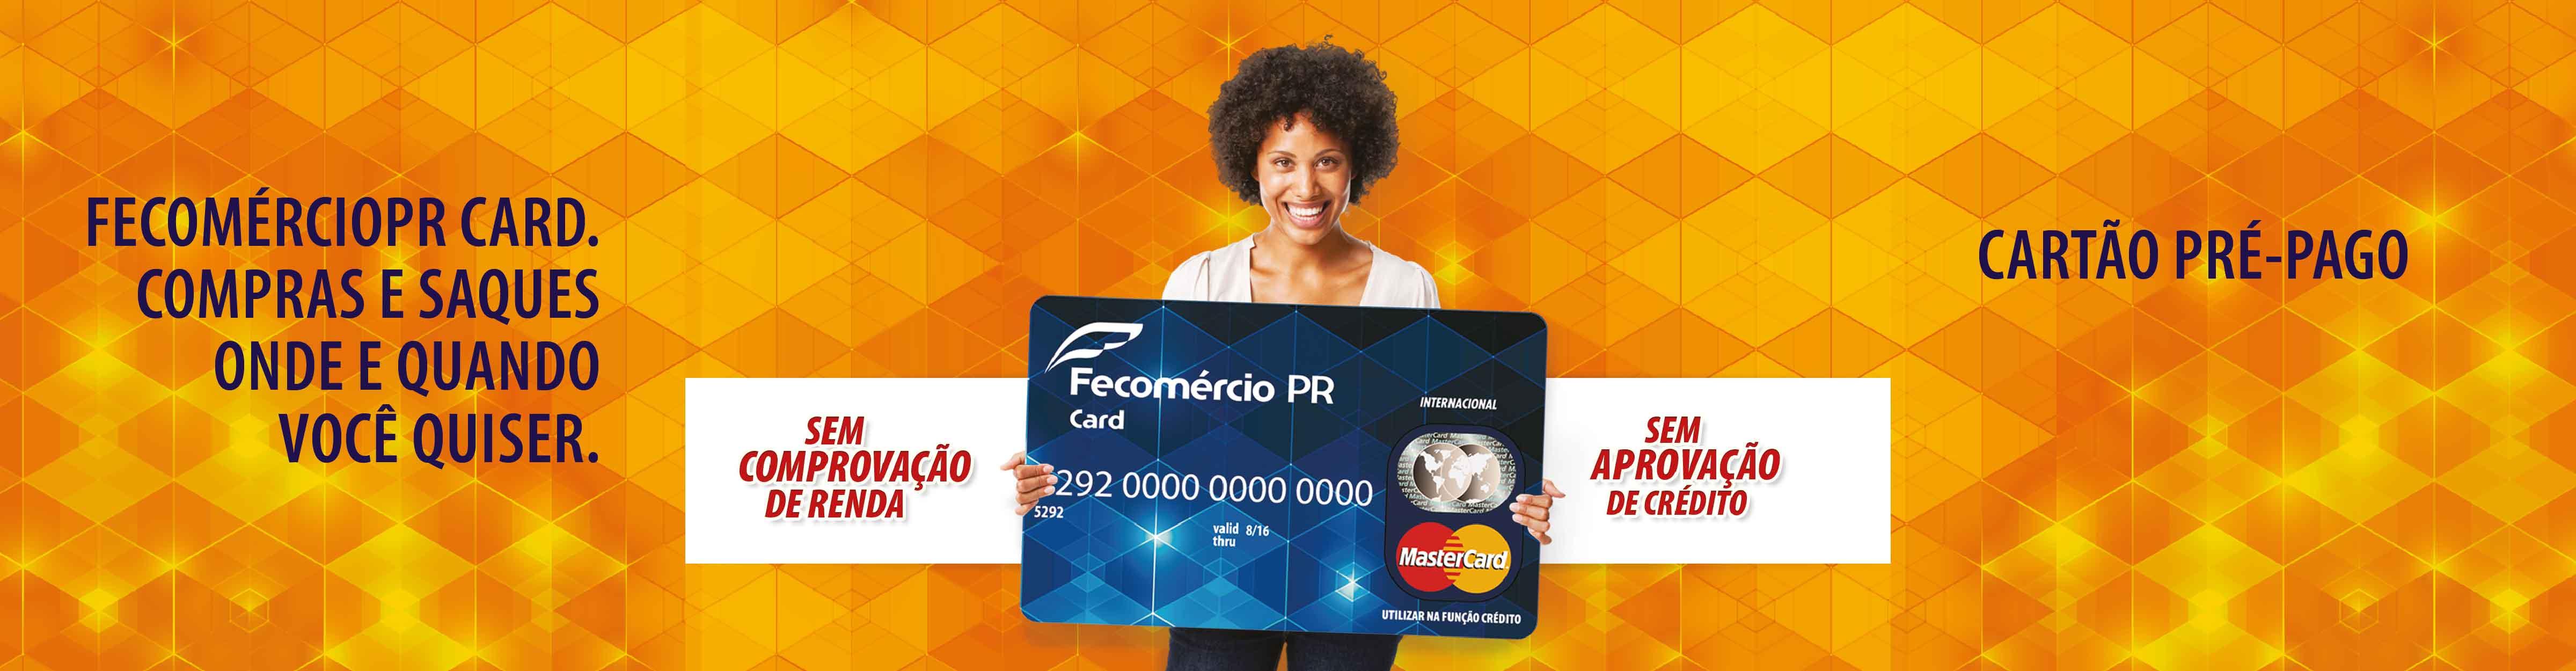 Fecomercio Card PR